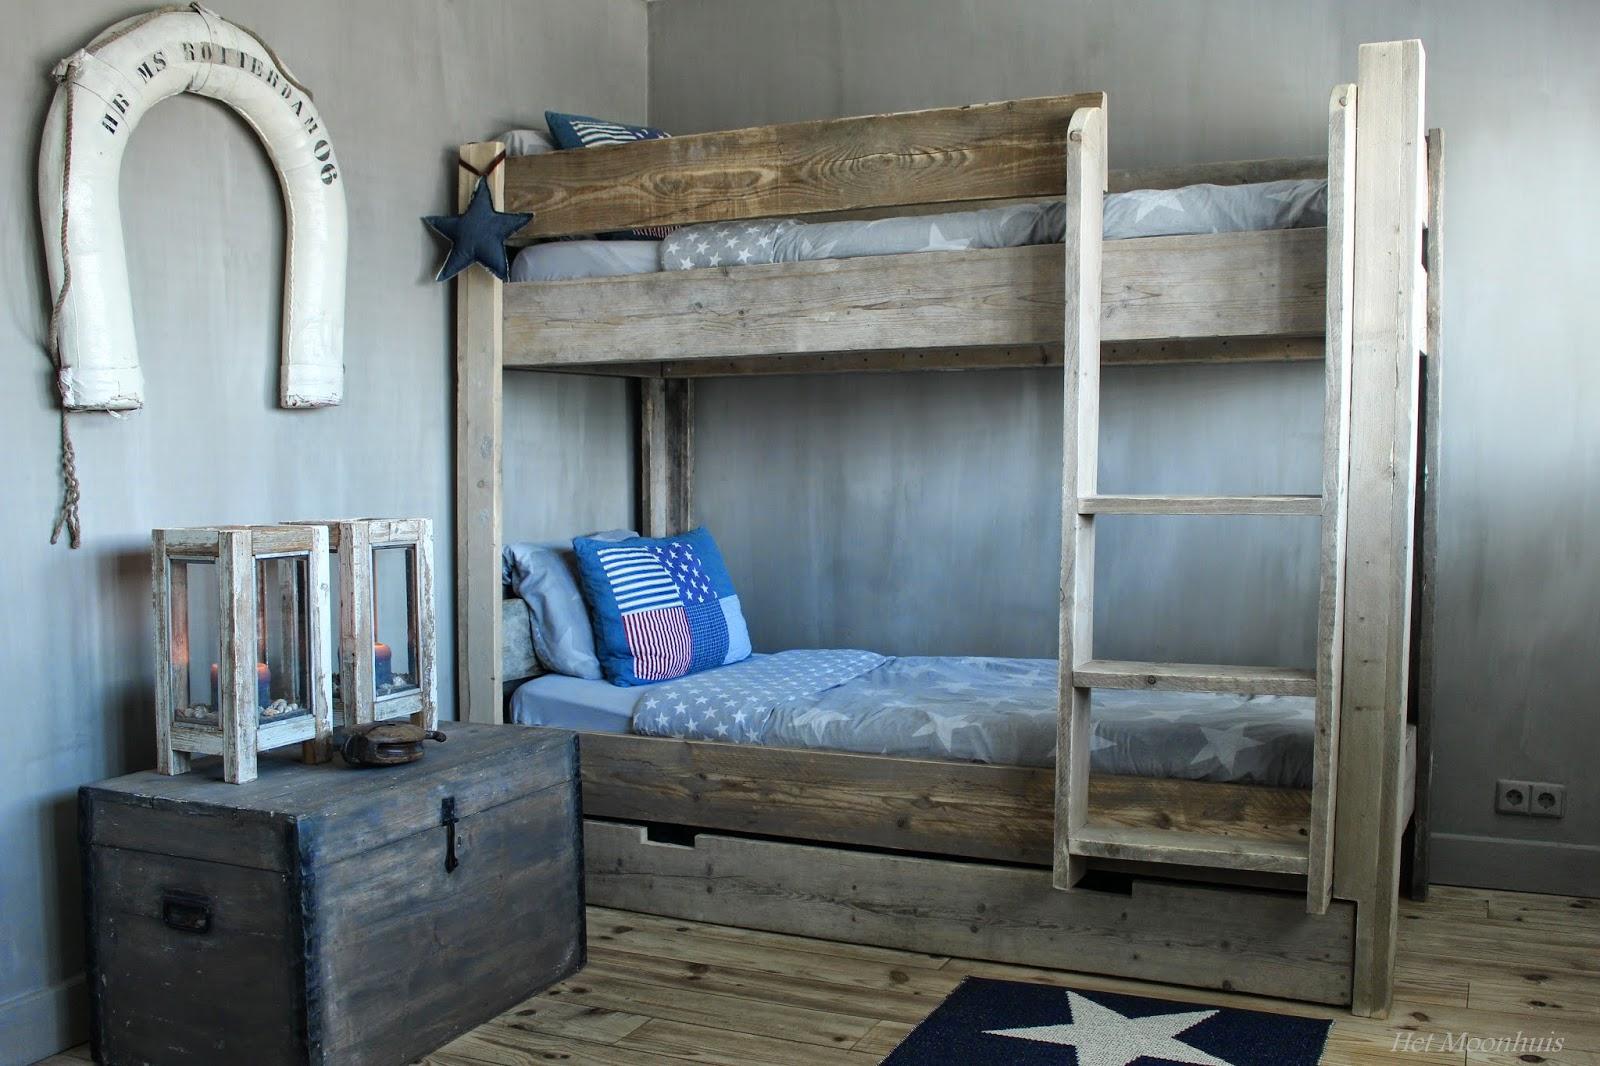 Het moonhuis stoere jongenskamer - Jongens kamer decoratie ideeen ...